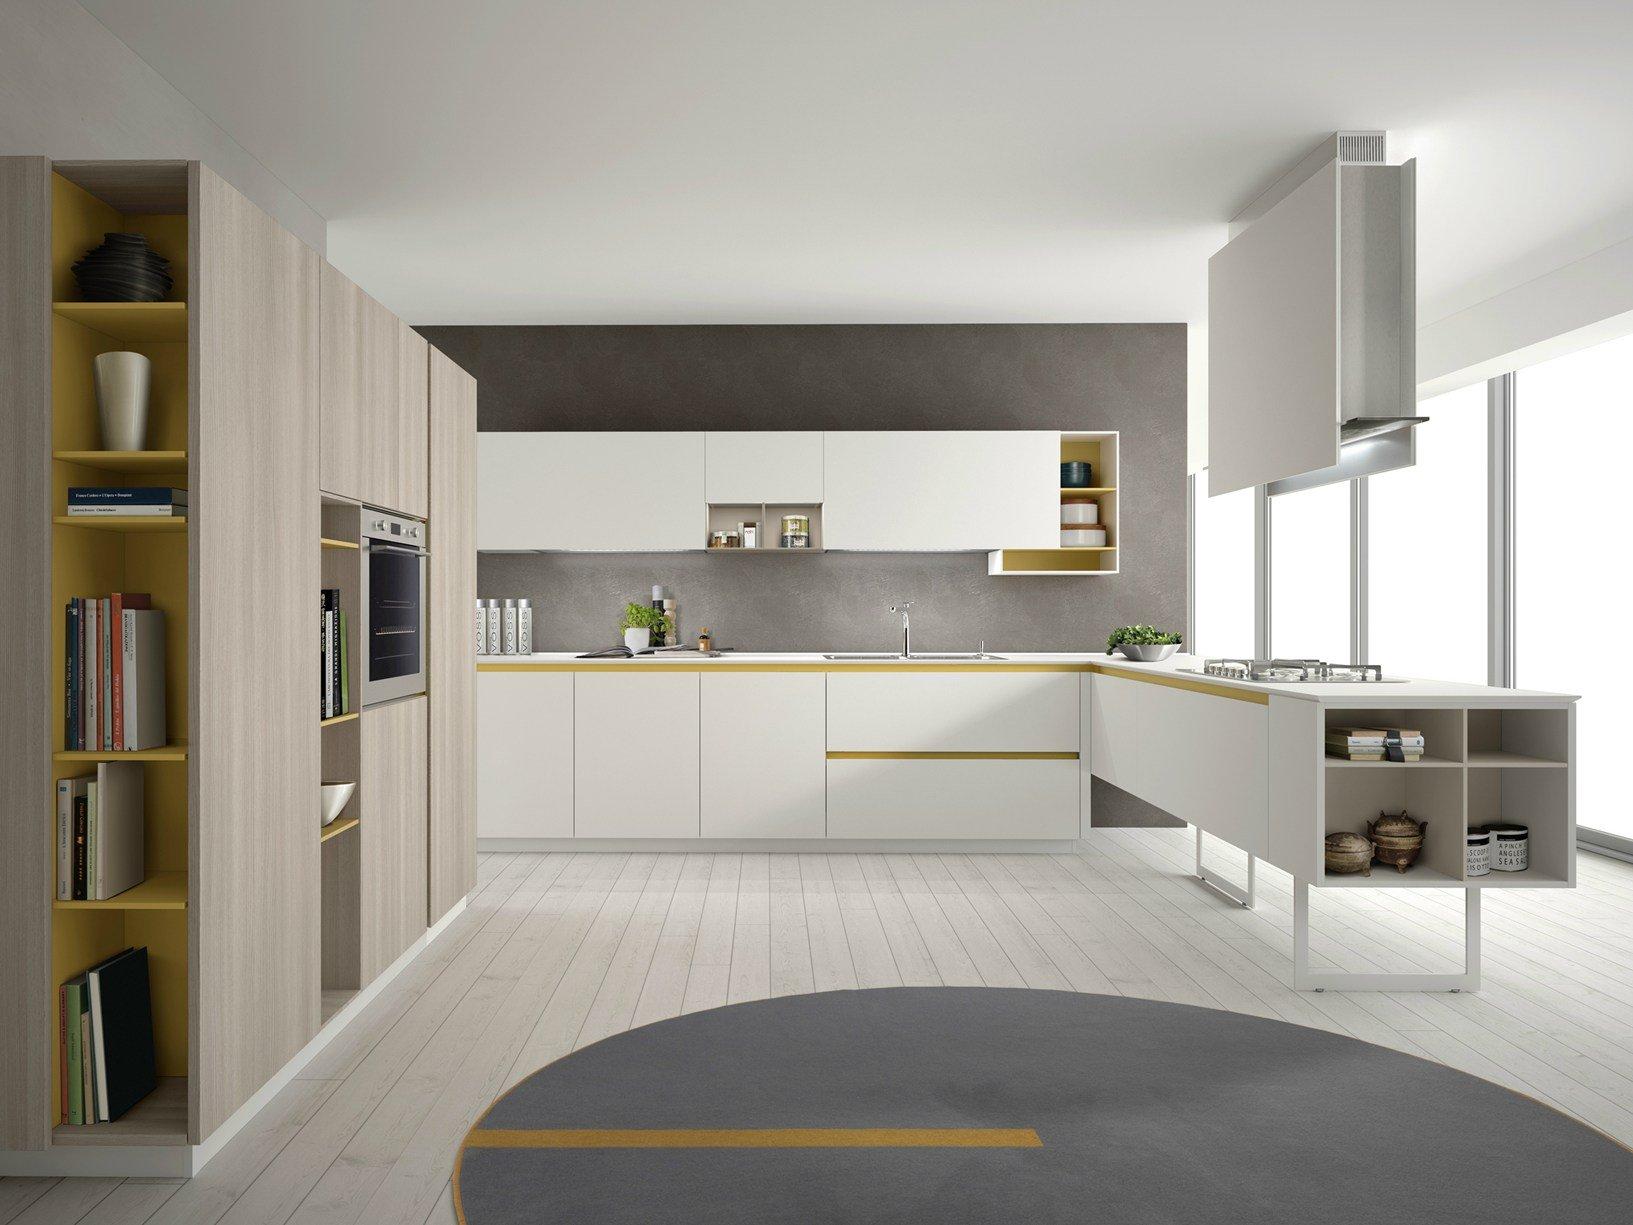 Gruppo euromobil presenta la 39 casa totale 39 a isaloni 2014 - Gruppo 5 cucine ...